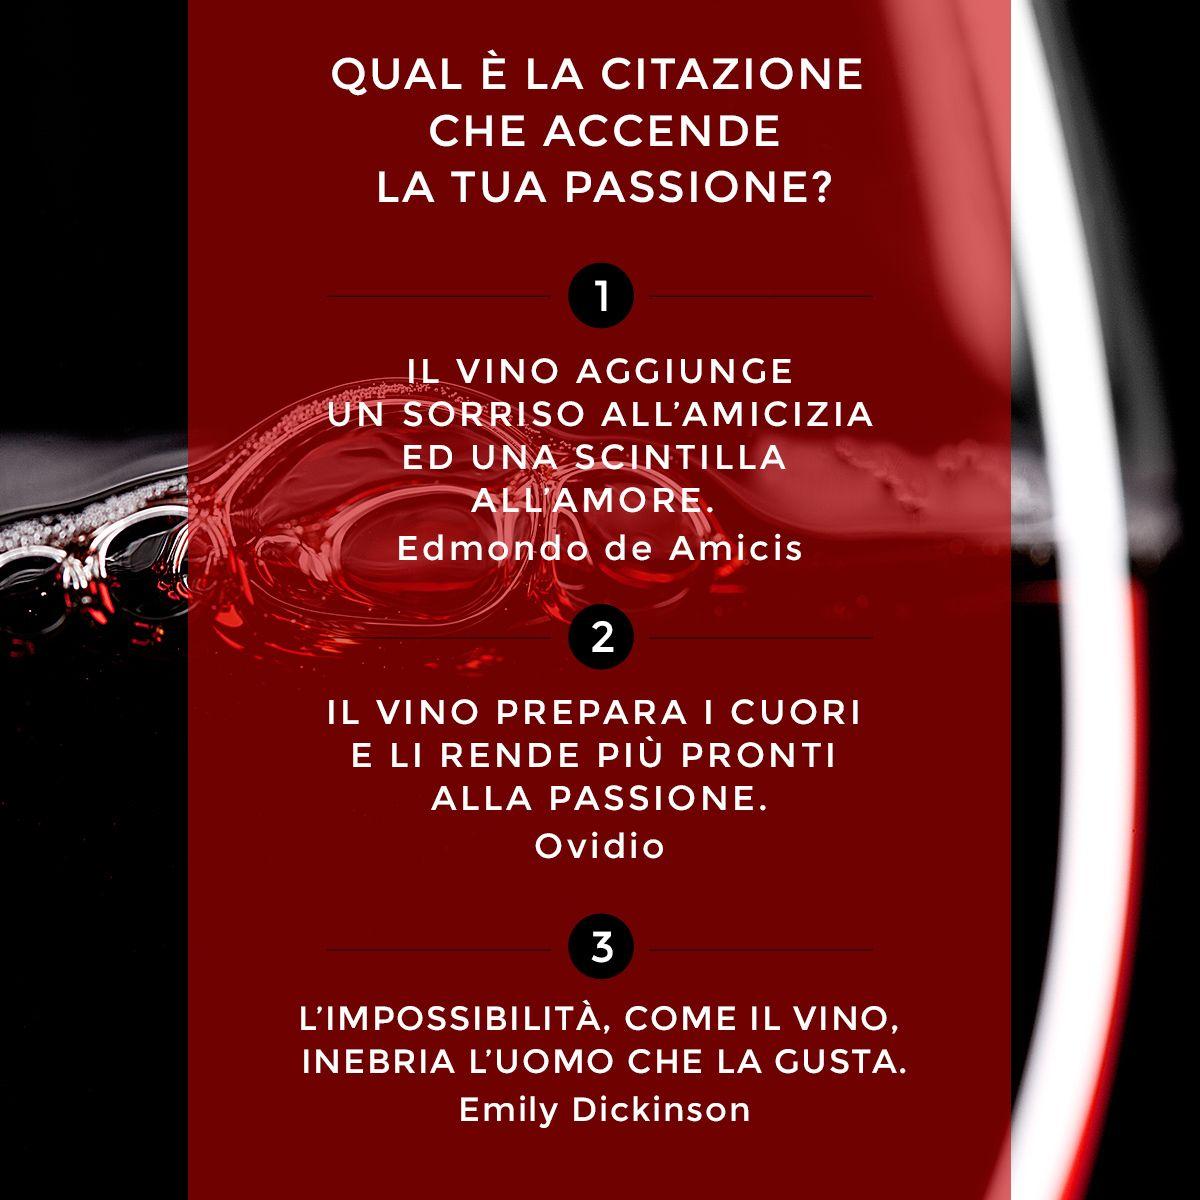 Grandi scrittori, poeti e filosofi hanno esaltato il miracolo del vino. Qual è la citazione che accende la tua passione?